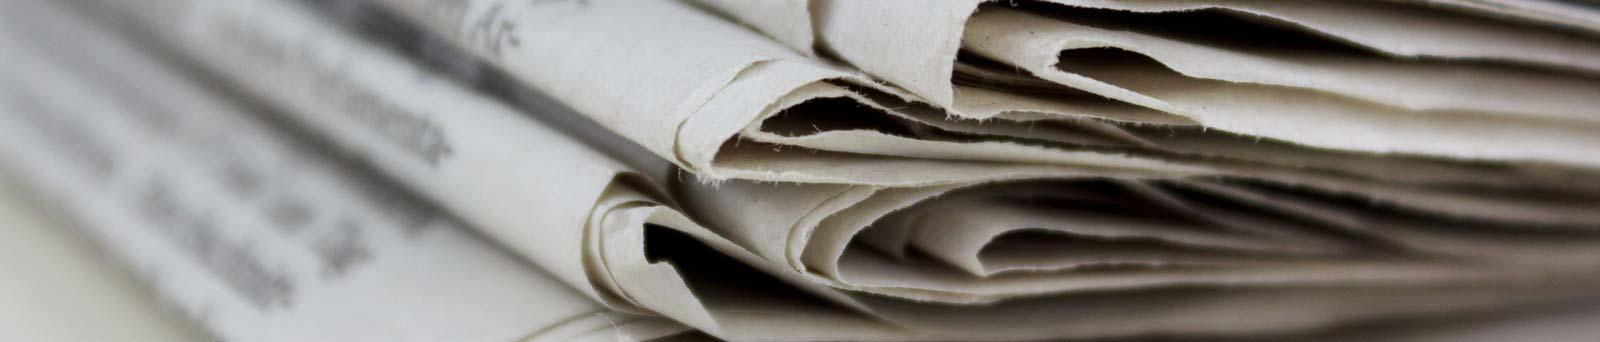 salmon-prensa--medios-periodicos